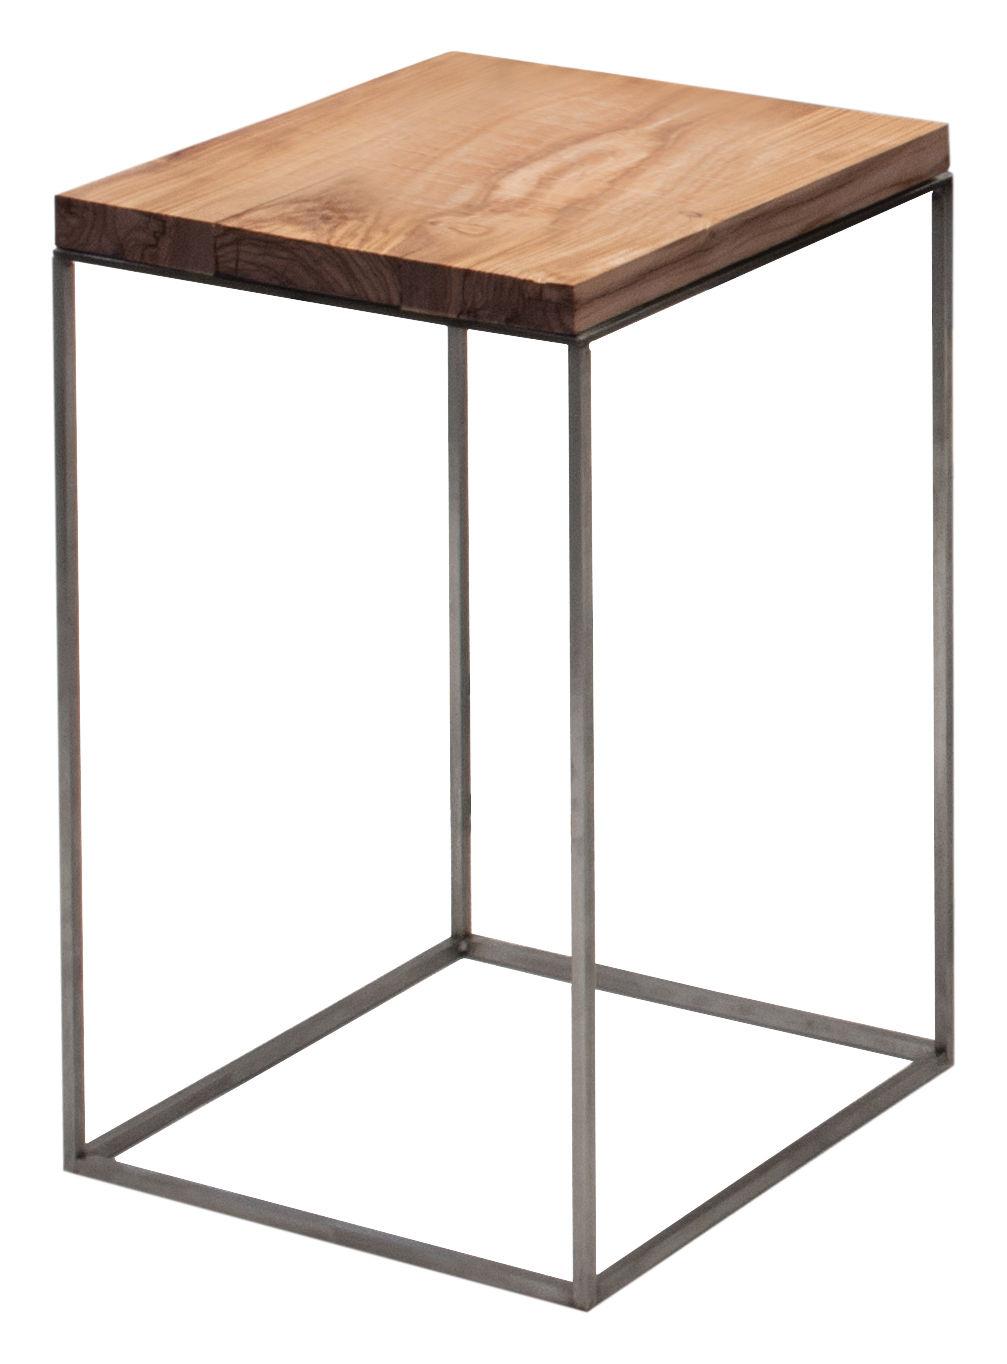 Mobilier - Tables basses - Table basse Slim Irony / 31 x 31 x H 46 cm - Zeus - Bois / Pied noir cuivré -  Bois de cèdre, Acier